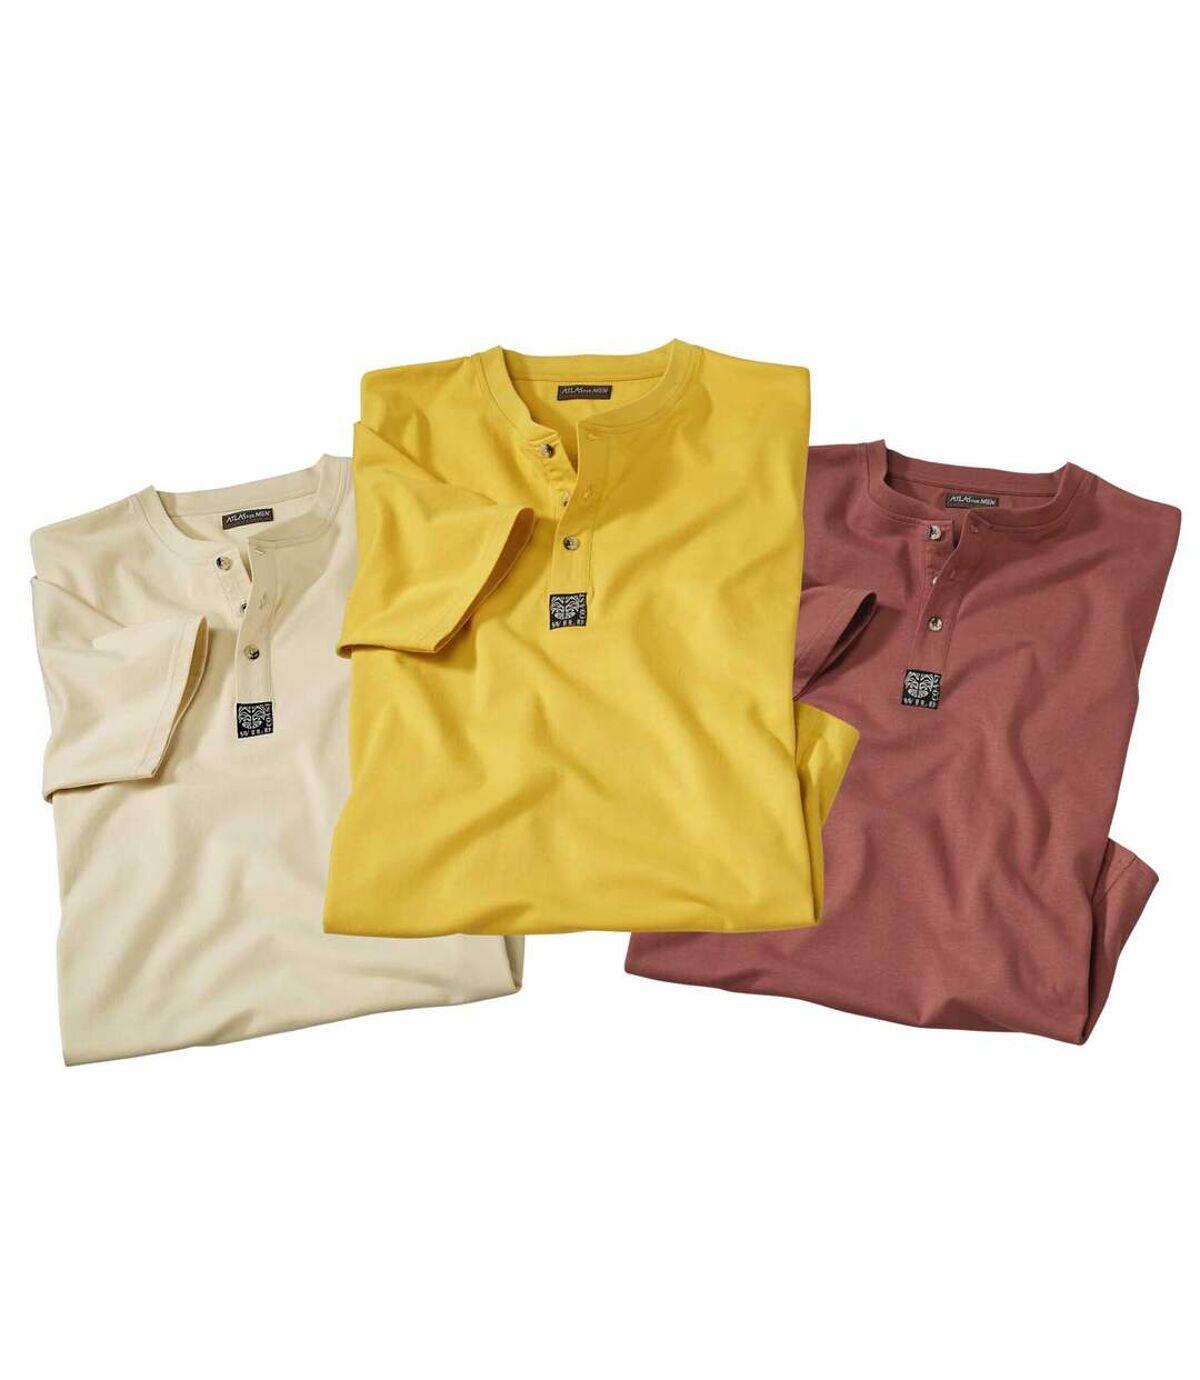 3er-Pack T-Shirts aus Baumwolle mit Henleykragen Atlas For Men